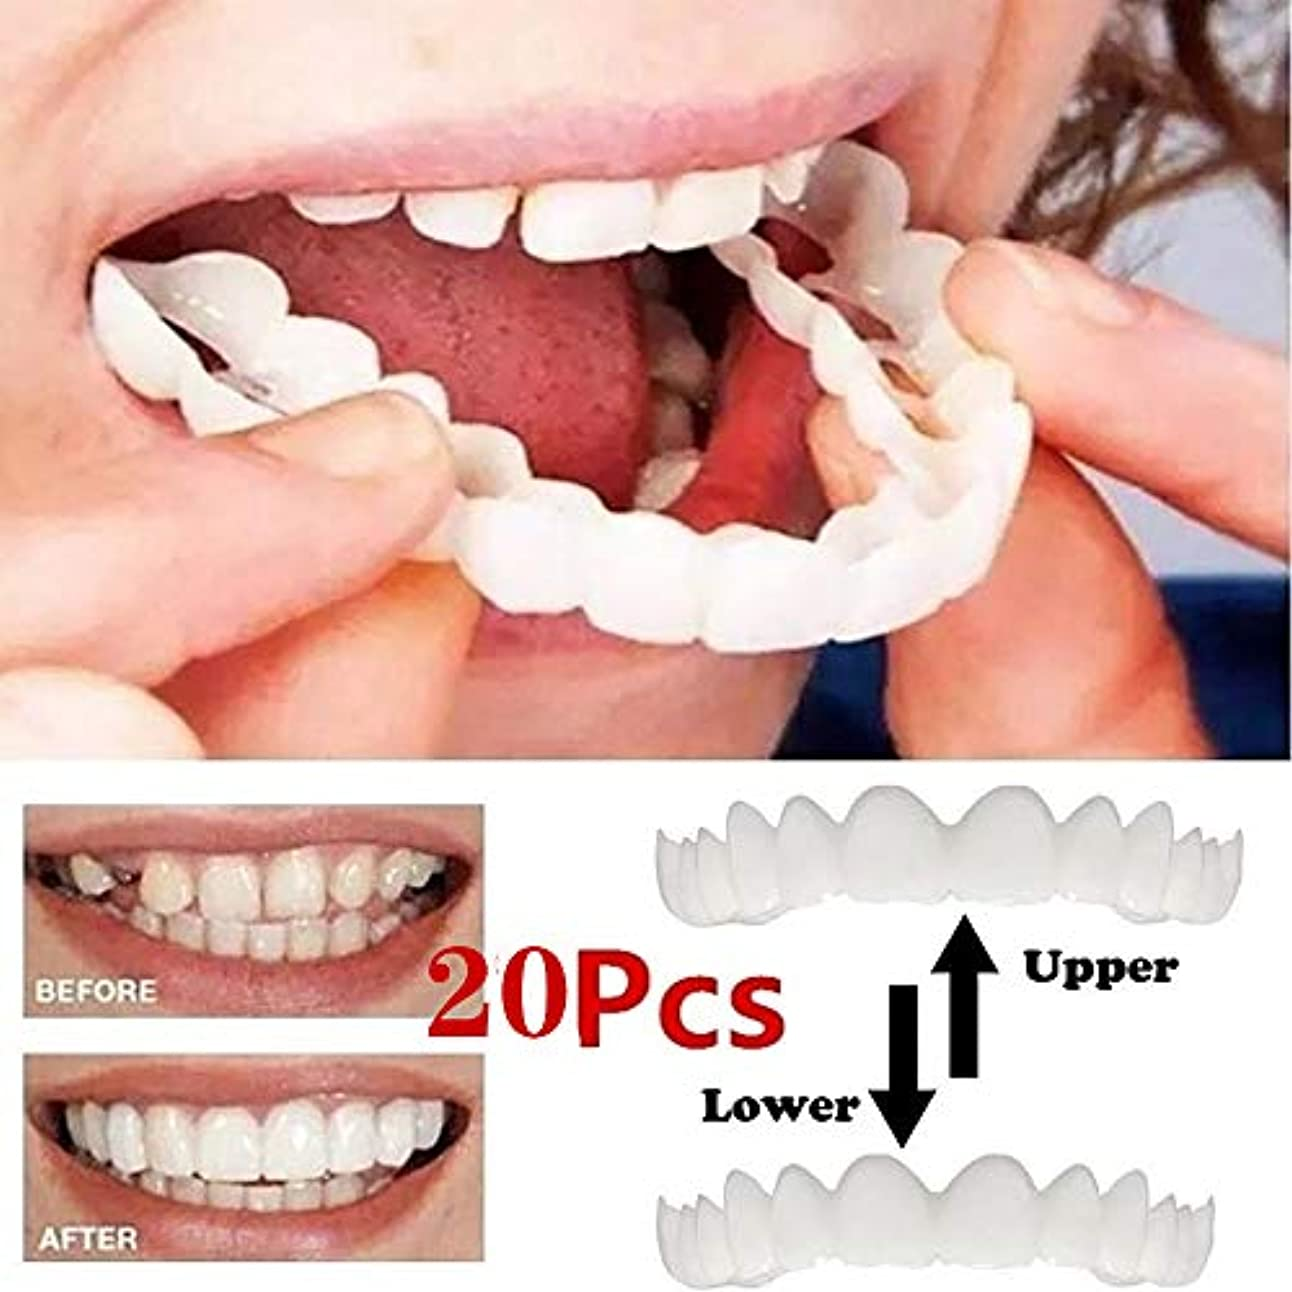 無駄に直径提供突き板の歯、化粧品の歯 - 一時的な笑顔の快適さフィットフレックス化粧品の歯、偽歯、快適な上と下のベニヤ - 歯のベニヤ(10 /下+ / 10トップ)